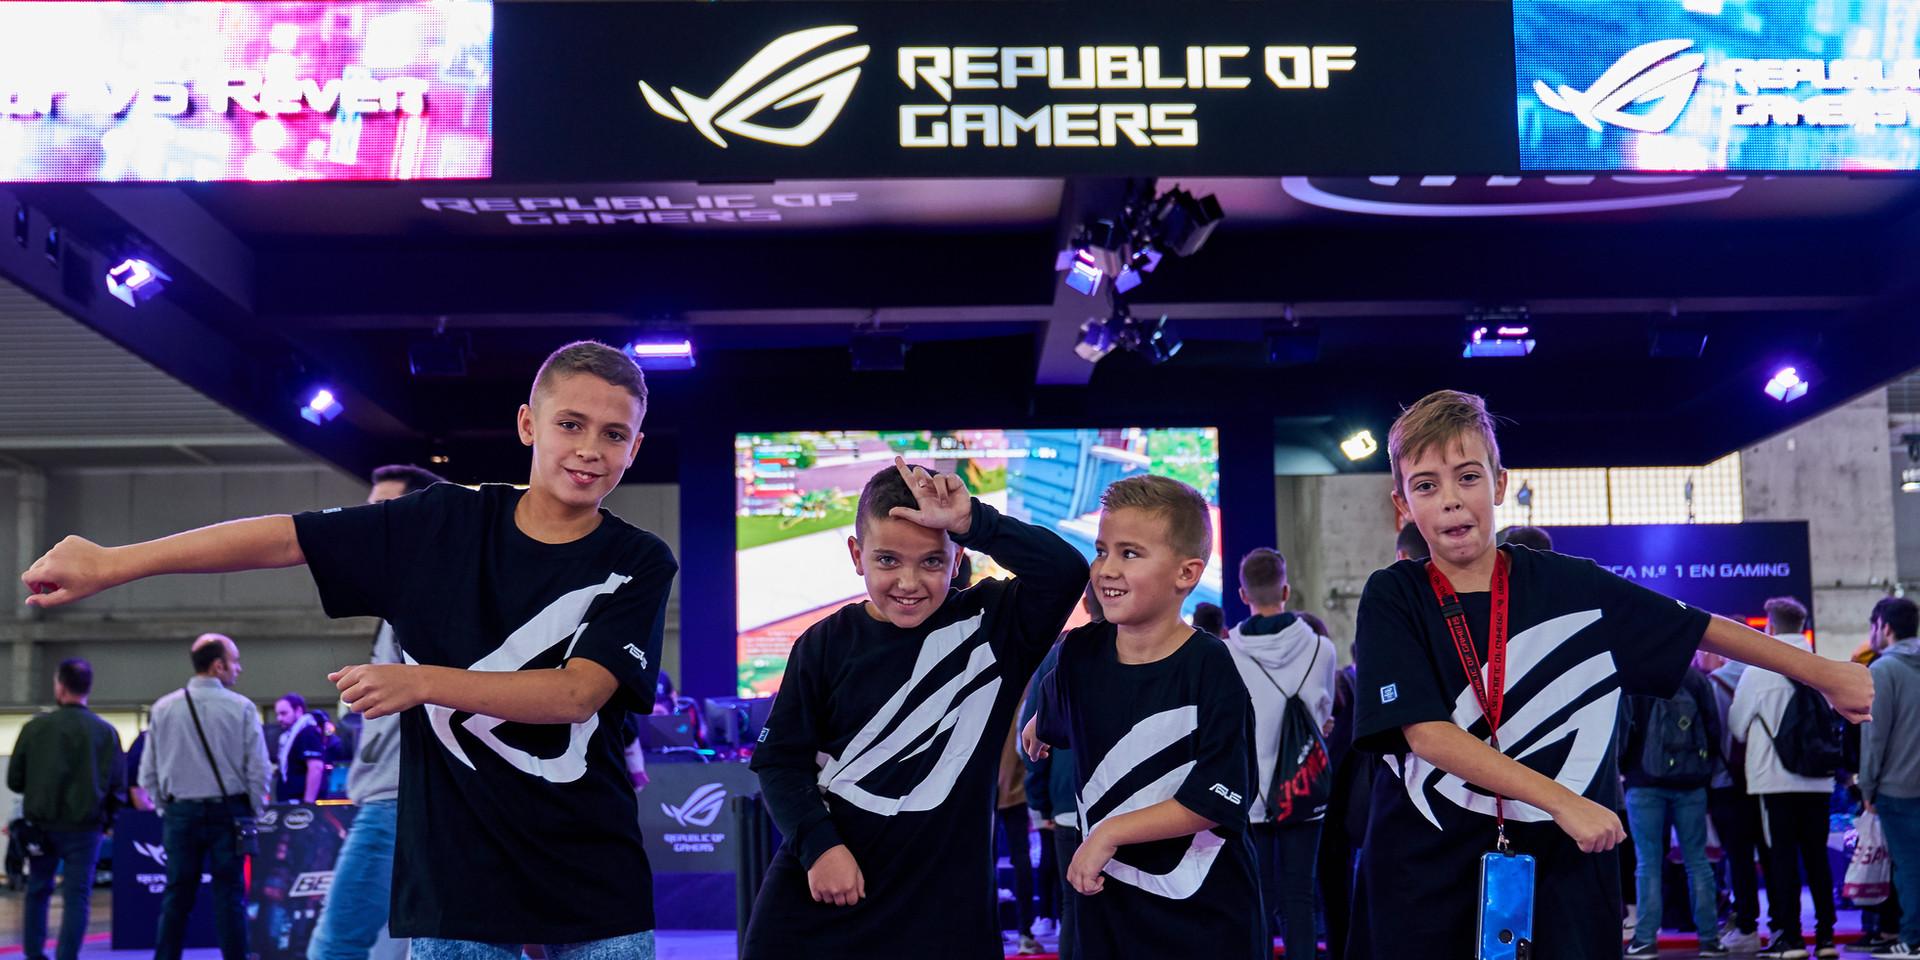 FOTOGRAFÍA  Y VIDEO EVENTO NICEONEBARCELONA N1B REPUBLIC OF GAMERS GAMING EVENT_16